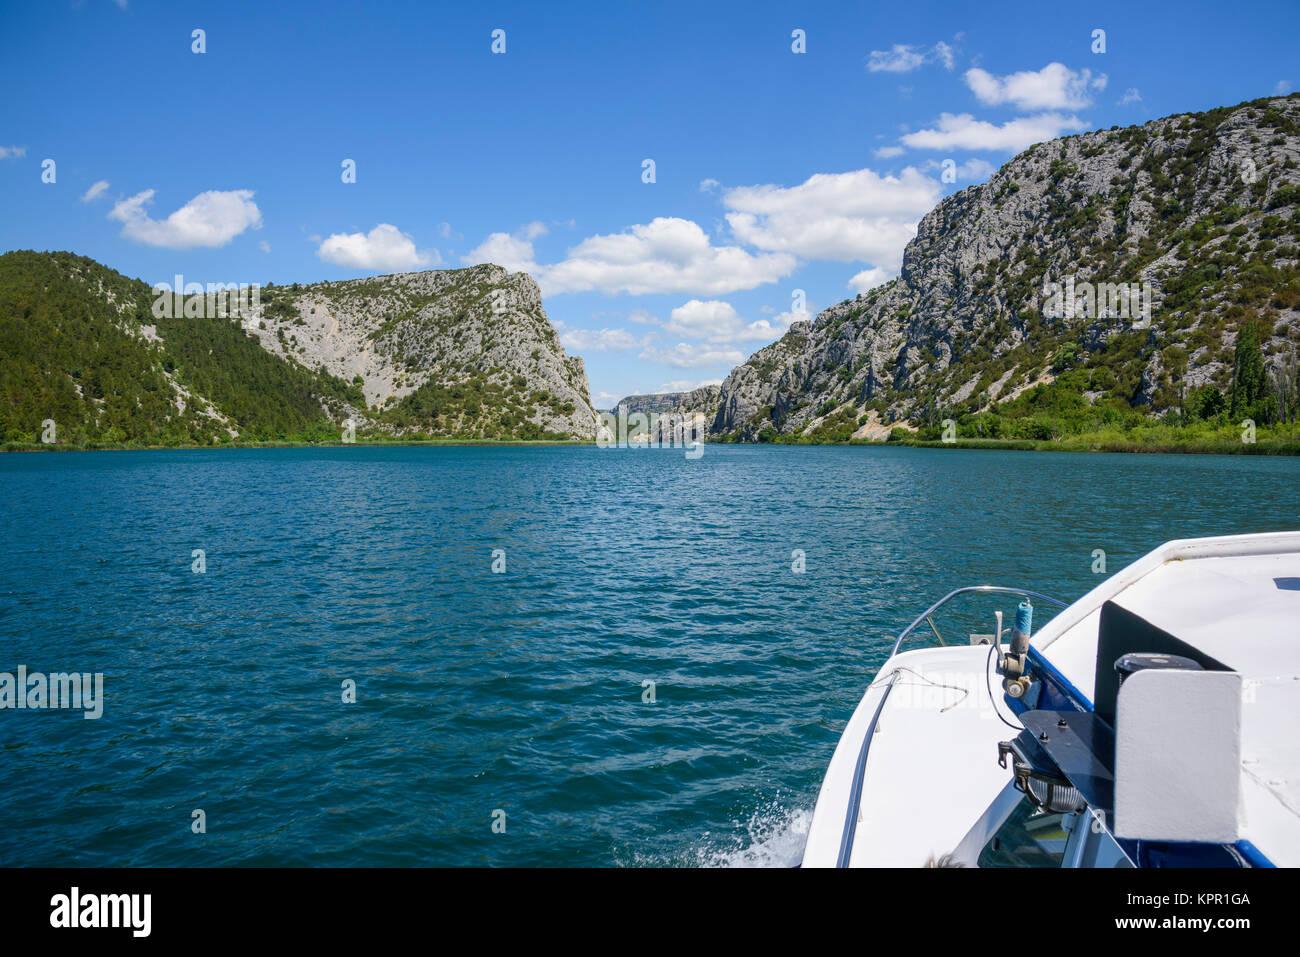 Viaje en barco al Parque Nacional de Krka, Croacia Imagen De Stock